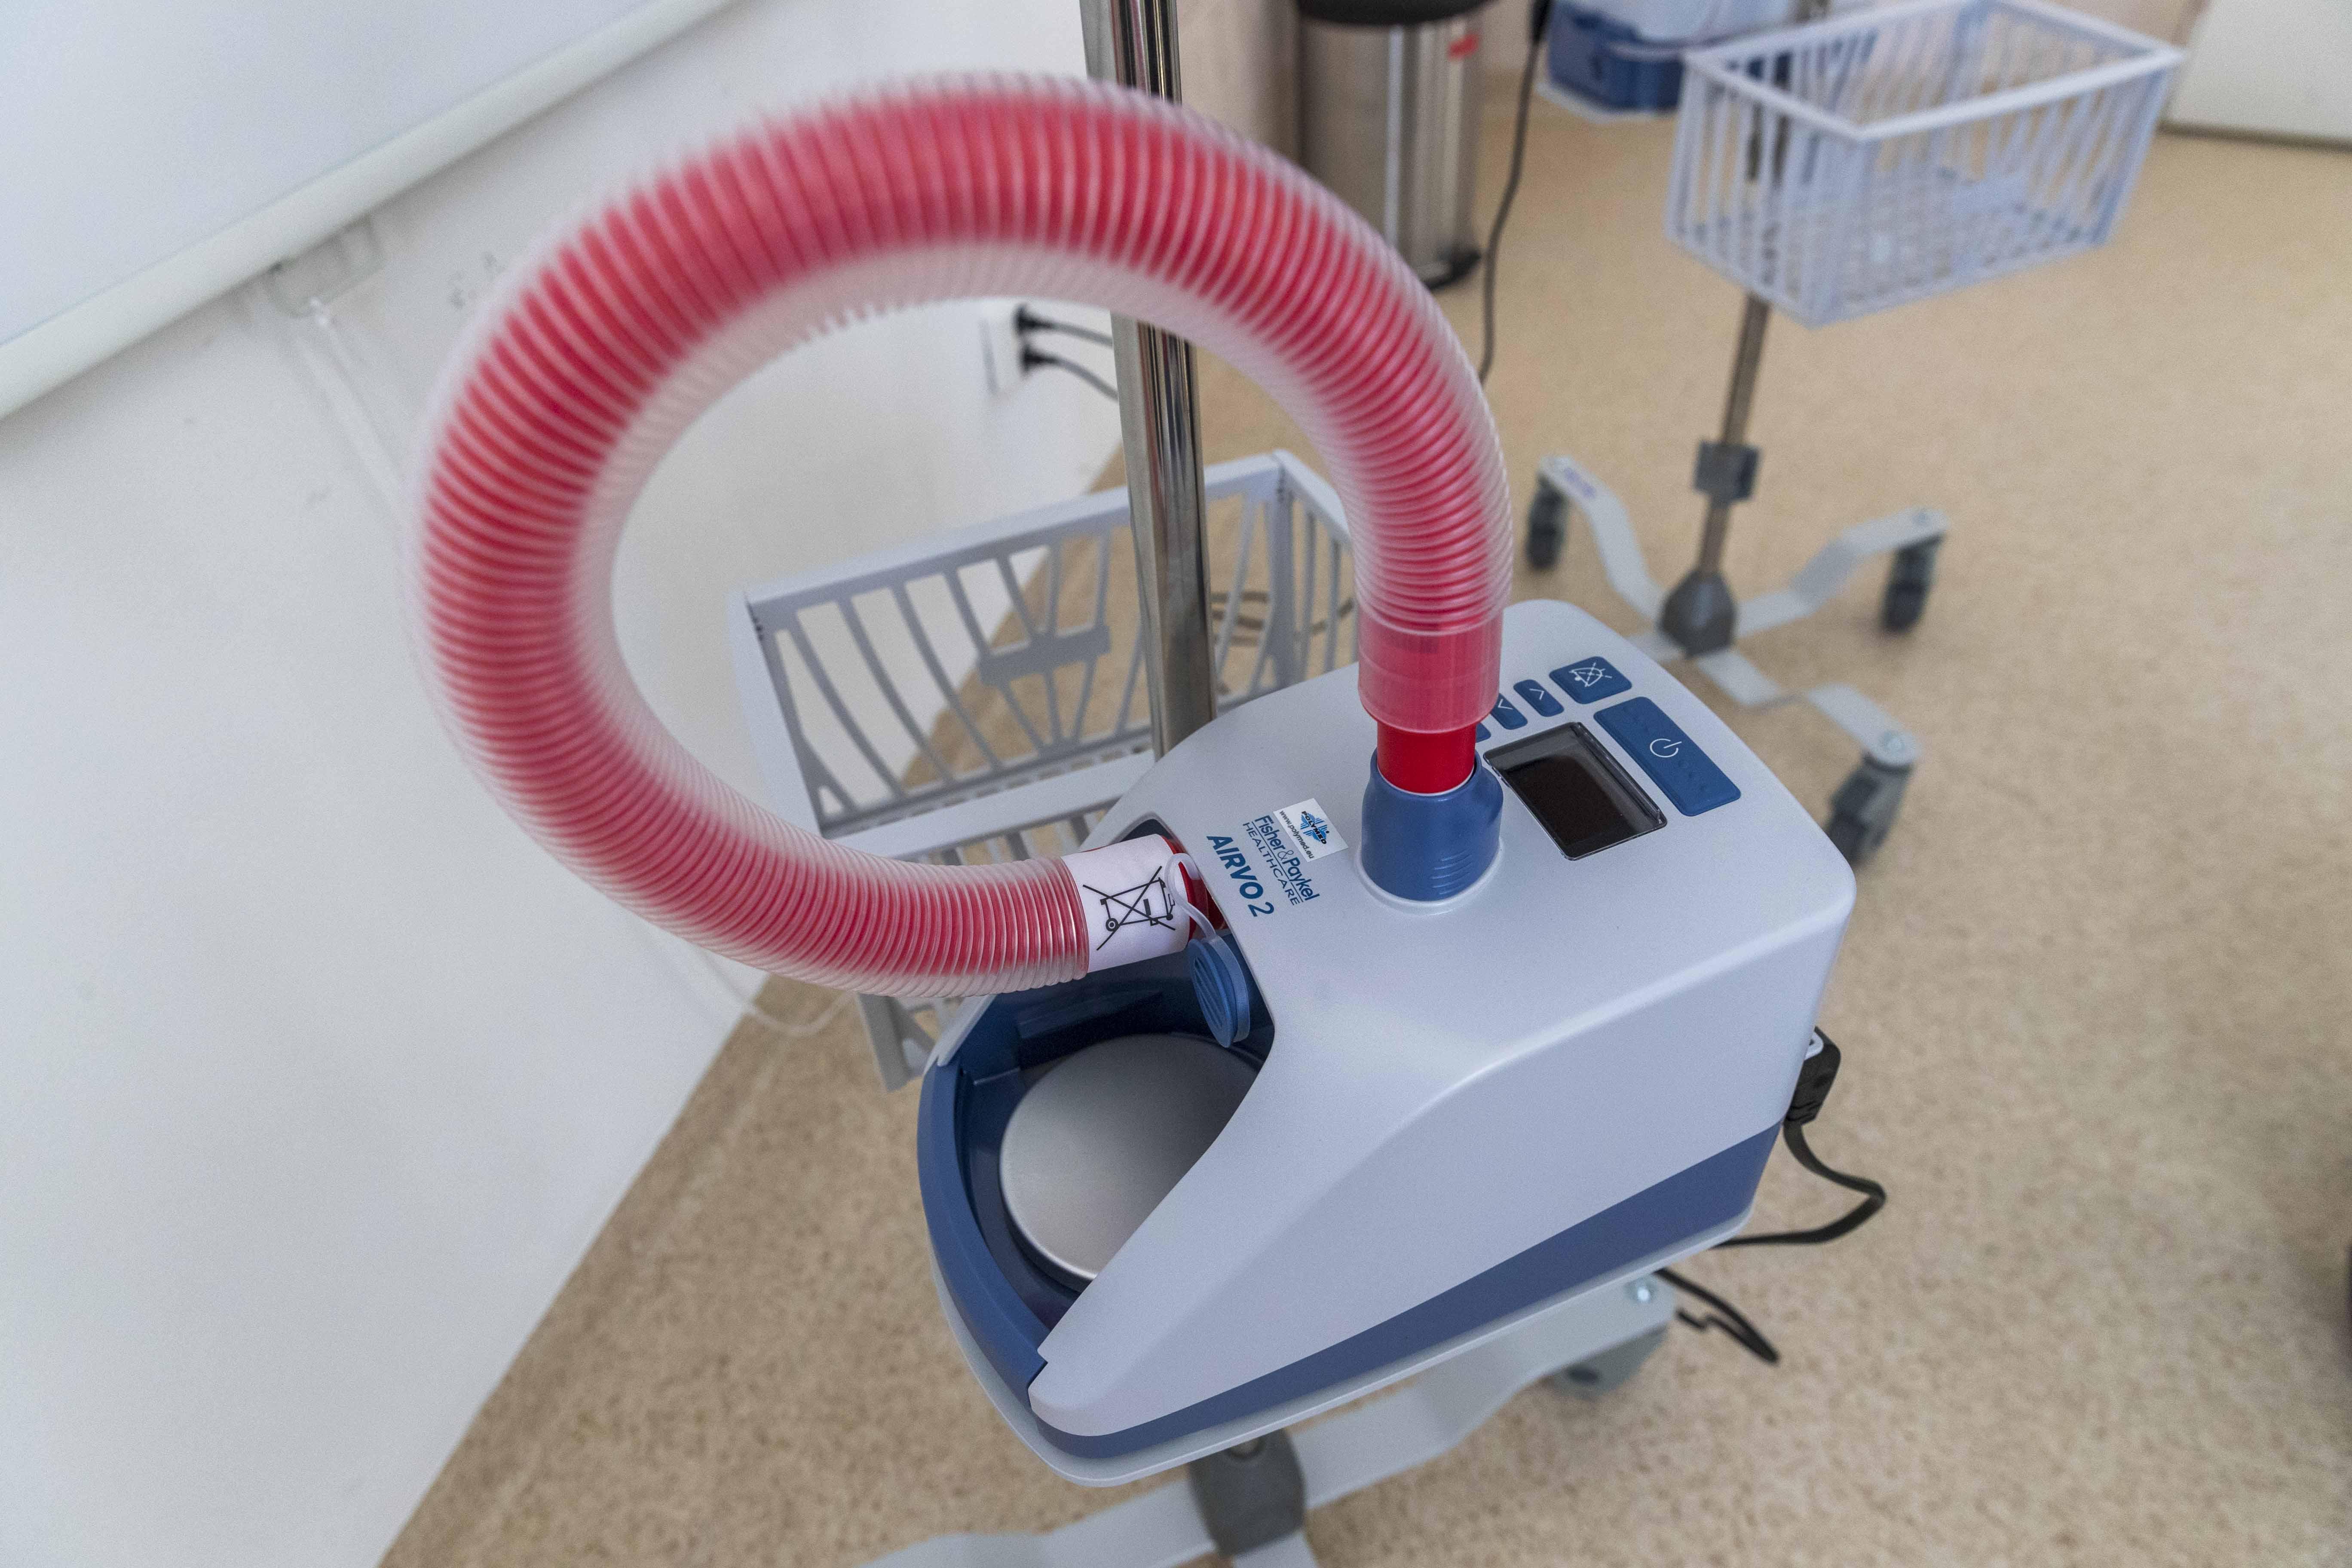 Önkéntes gyűjtés - légzést segítő gép átadása 2